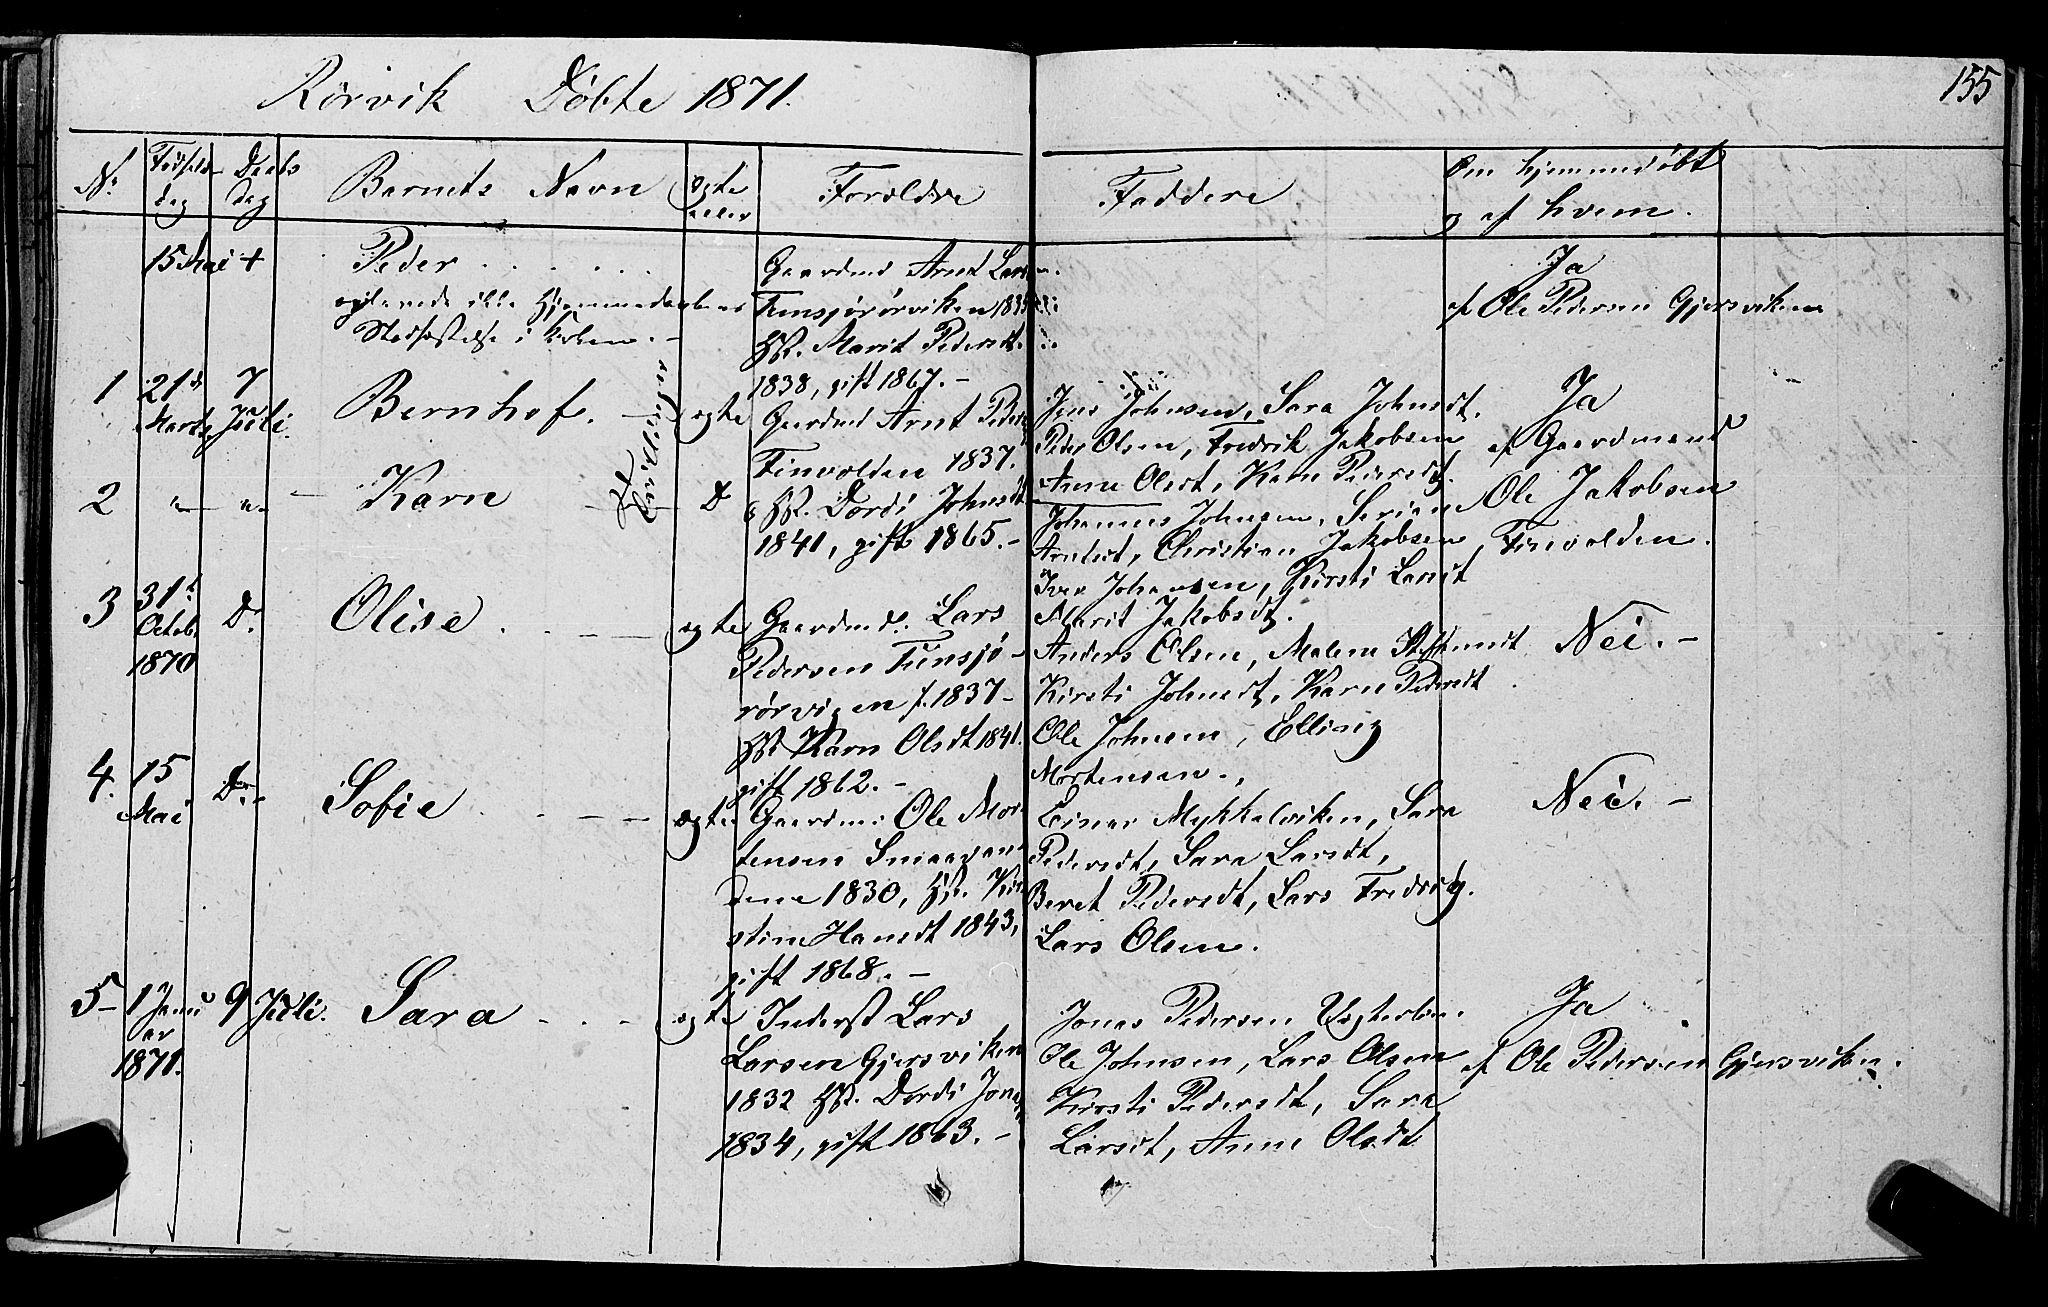 SAT, Ministerialprotokoller, klokkerbøker og fødselsregistre - Nord-Trøndelag, 762/L0538: Ministerialbok nr. 762A02 /1, 1833-1879, s. 155